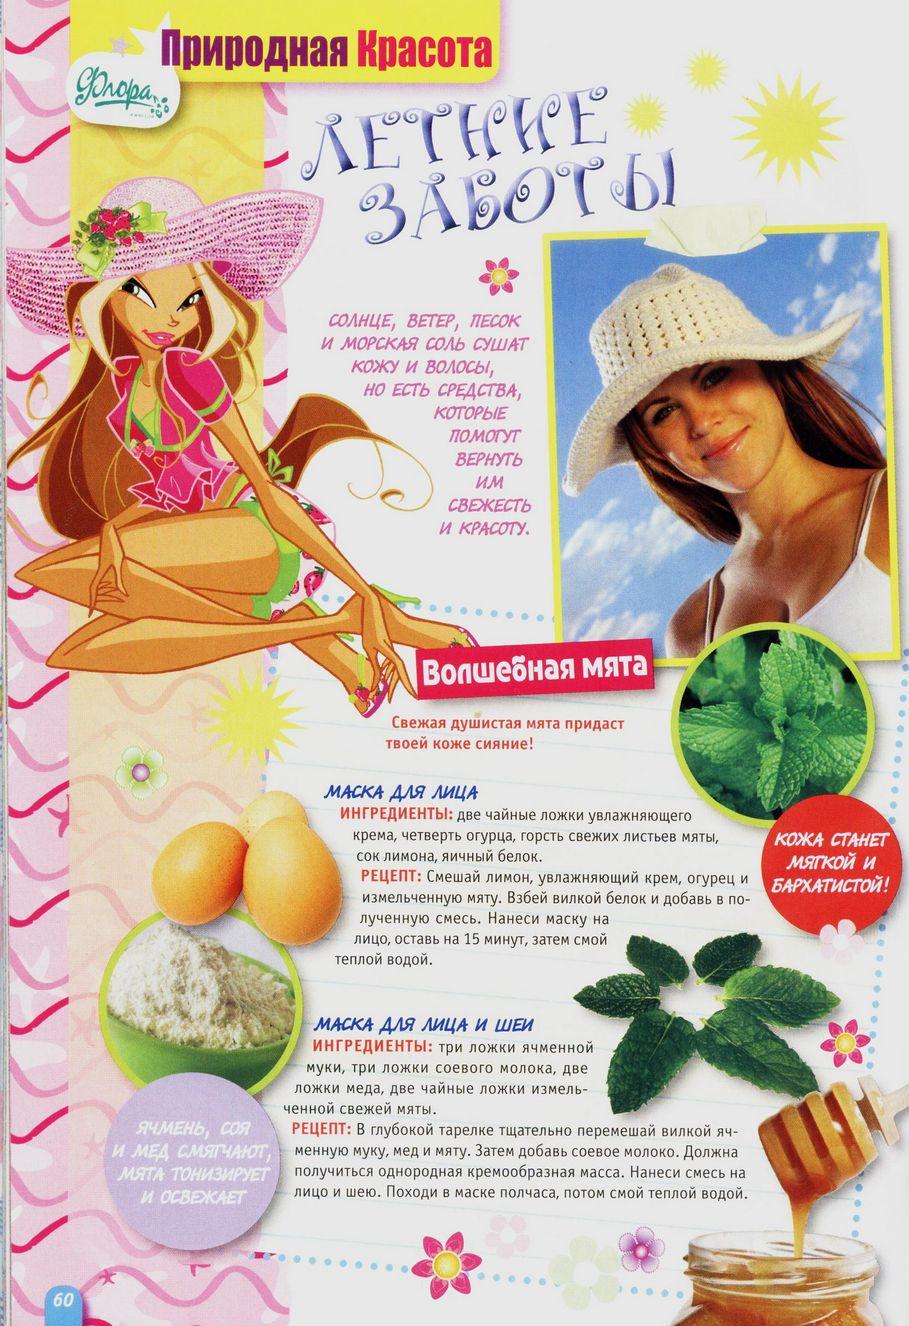 Комикс Винкс Winx - Надежда и разочарование (Журнал Винкс №5 2011) - стр. 60